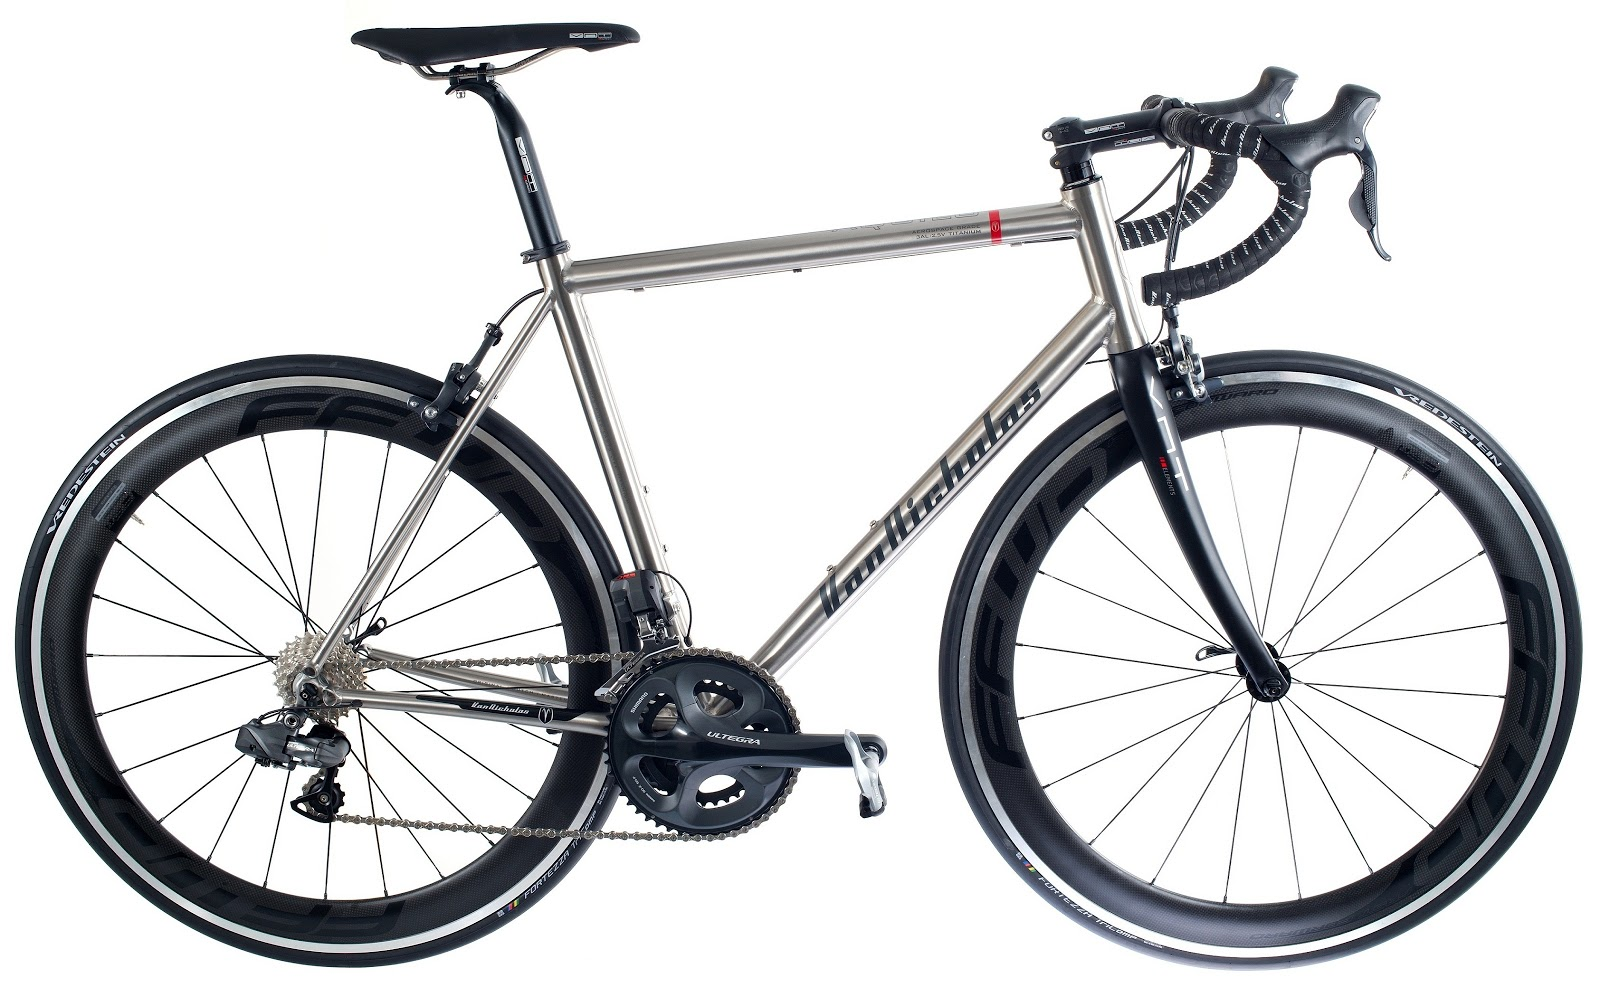 FranMagacine: Bici de titanio aerospacial para volar sobre dos ruedas